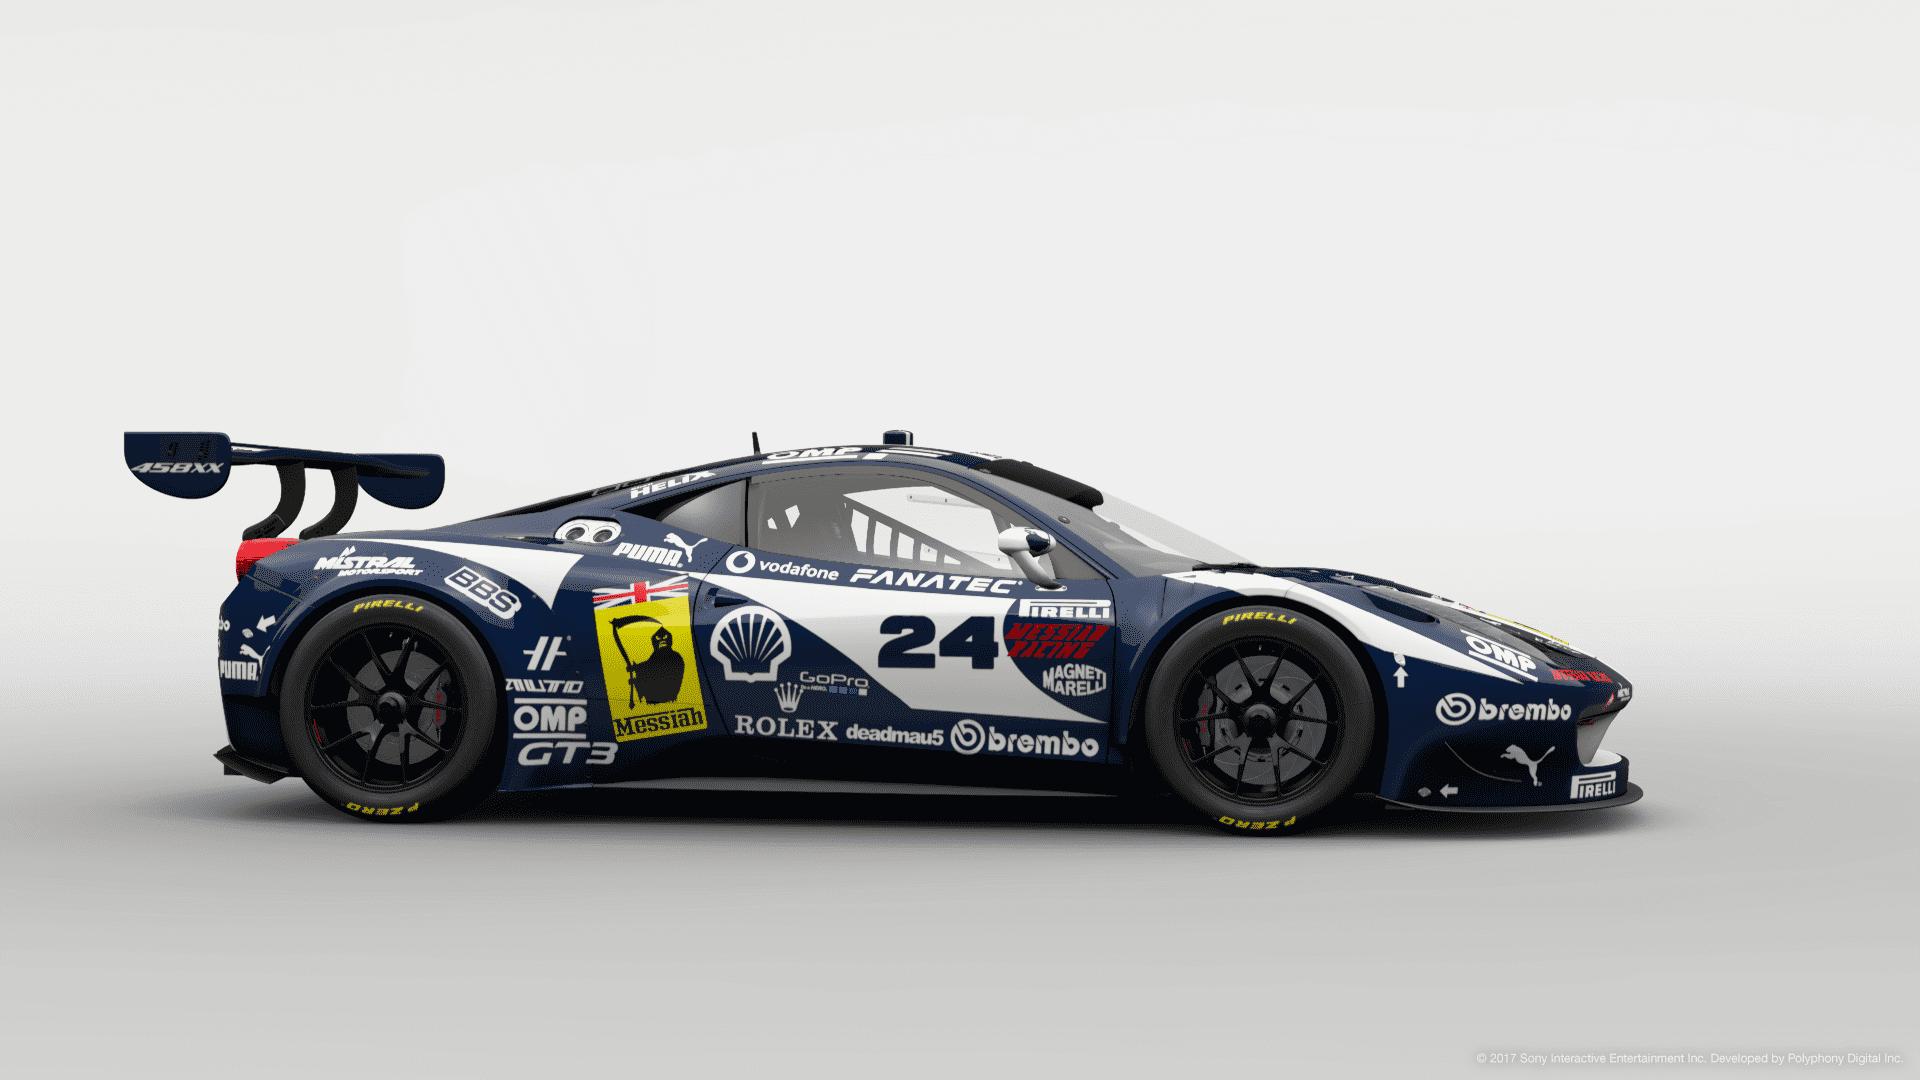 Ferrari 458 Italia Gt3 Messiah Racing 24 3